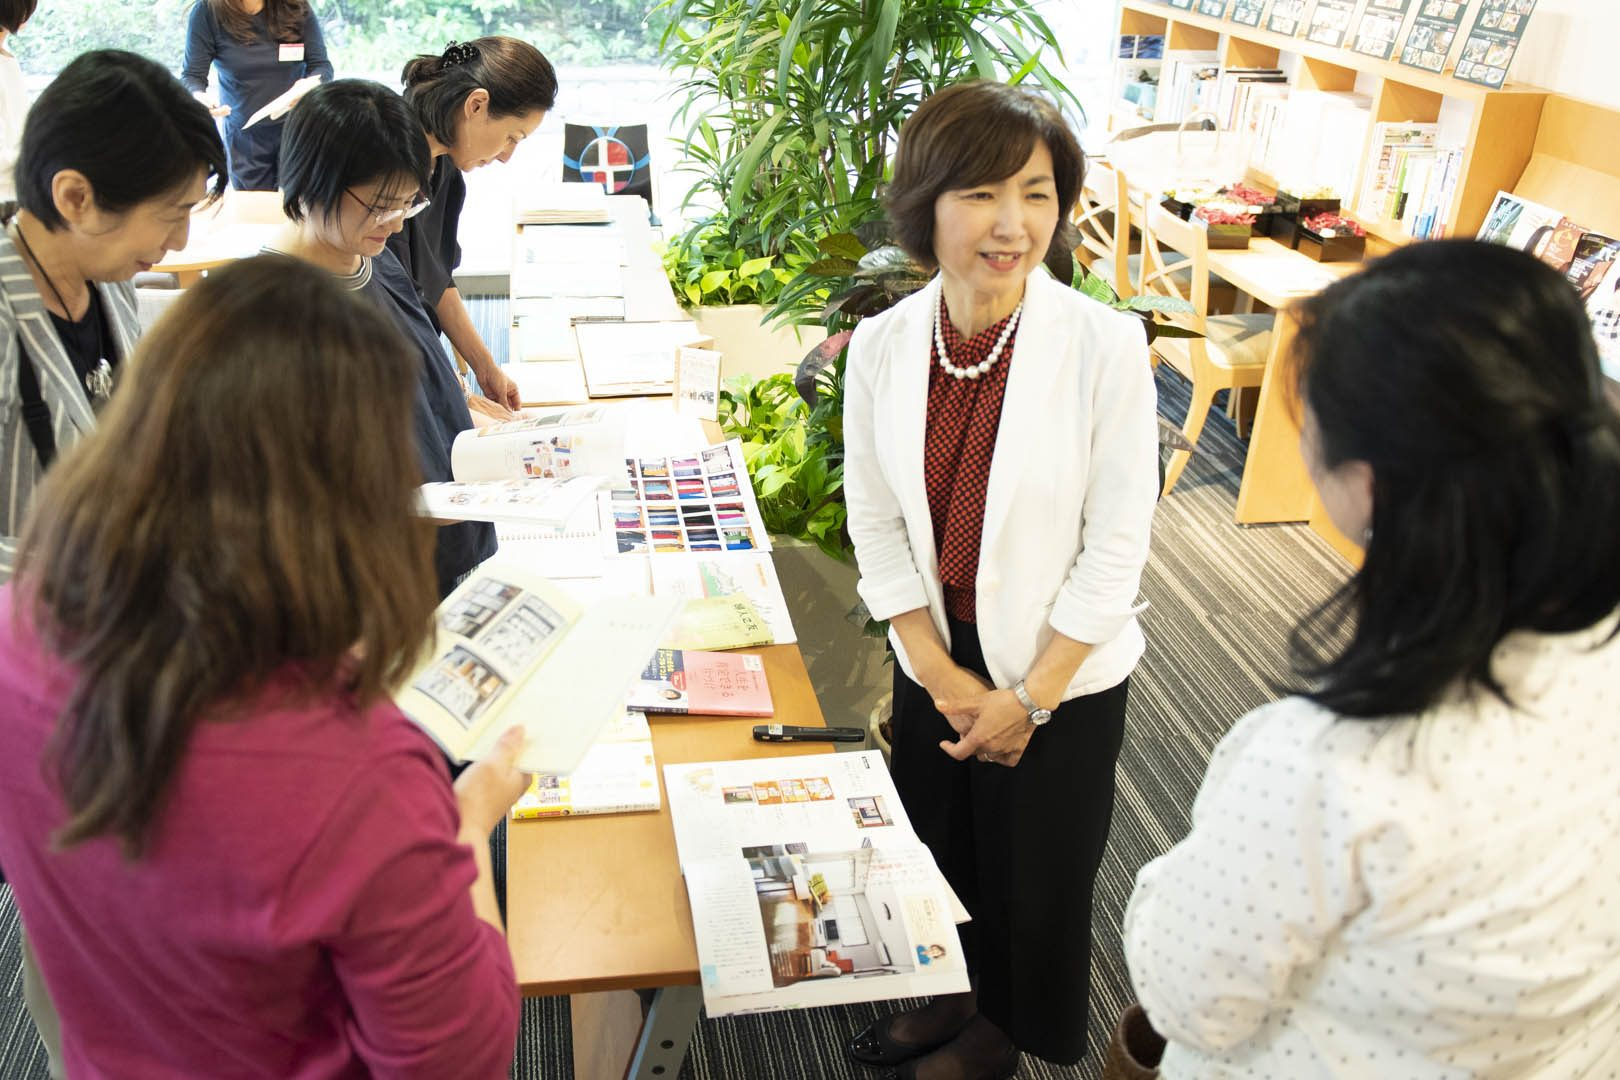 片づけのポイントは〝だわへし〟と〝しあわせ〟!「毎日を笑顔にする片づけセミナー」が開催されました。